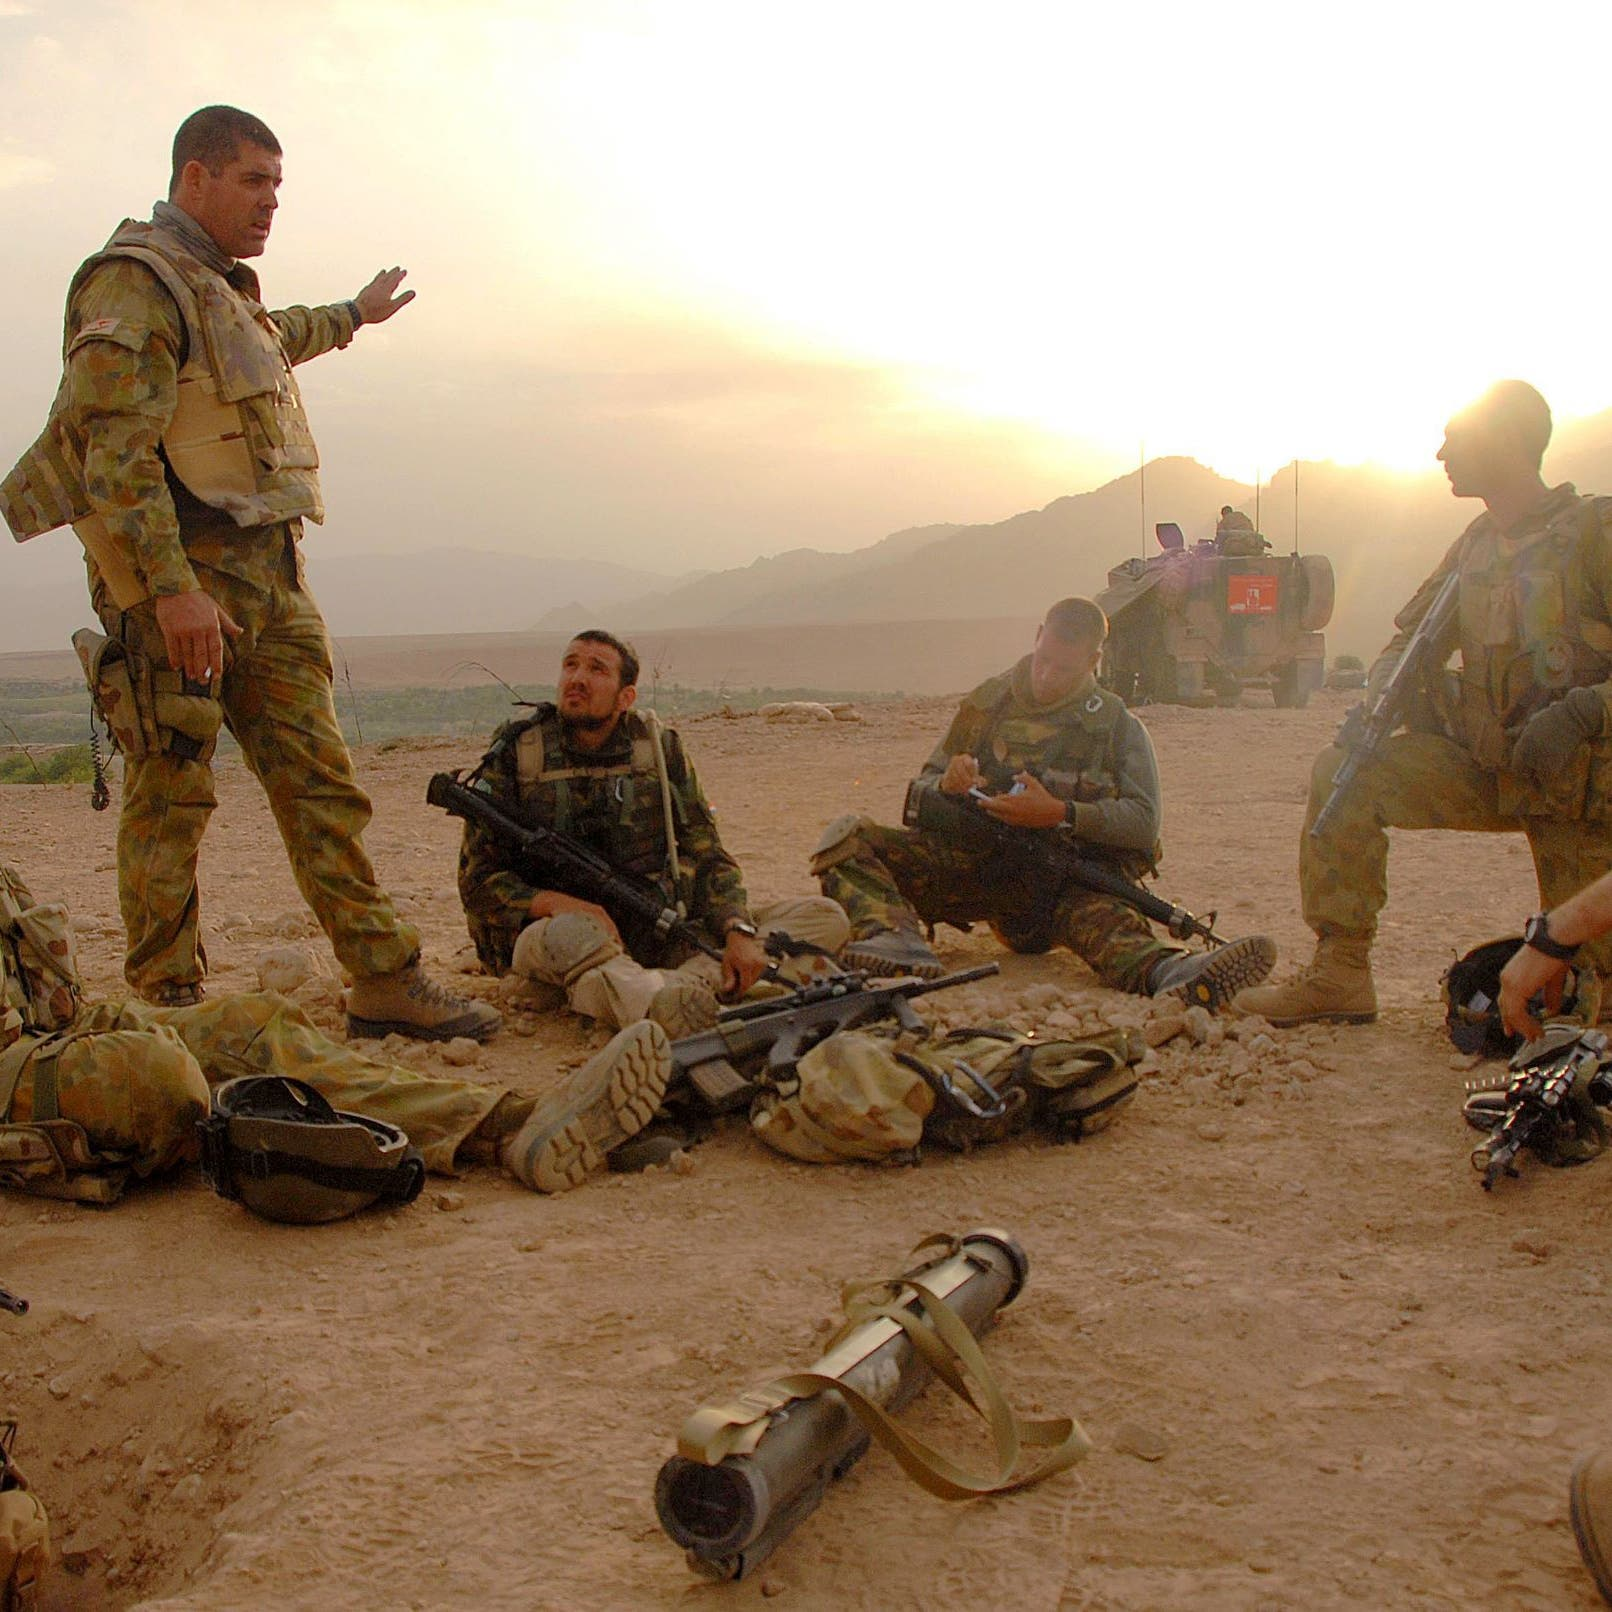 أستراليا تقر بقيام جنودها بقتل محتجزين بأفغانستان.. وتعتذر